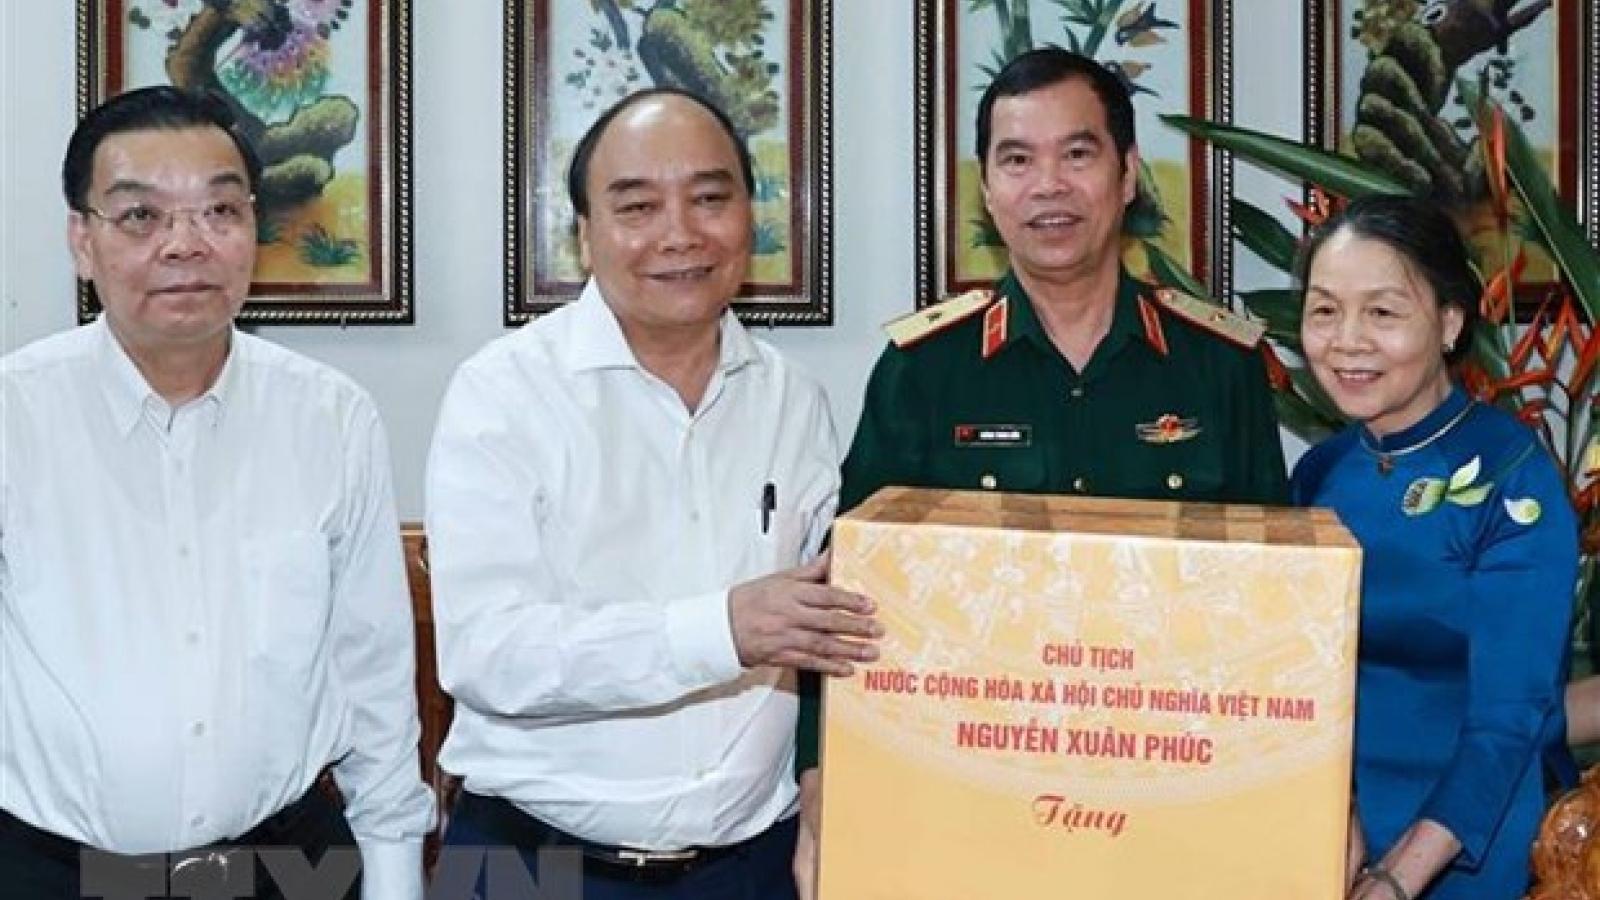 Chủ tịch nước Nguyễn Xuân Phúc thăm, tặng quà các hộ gia đình chính sách